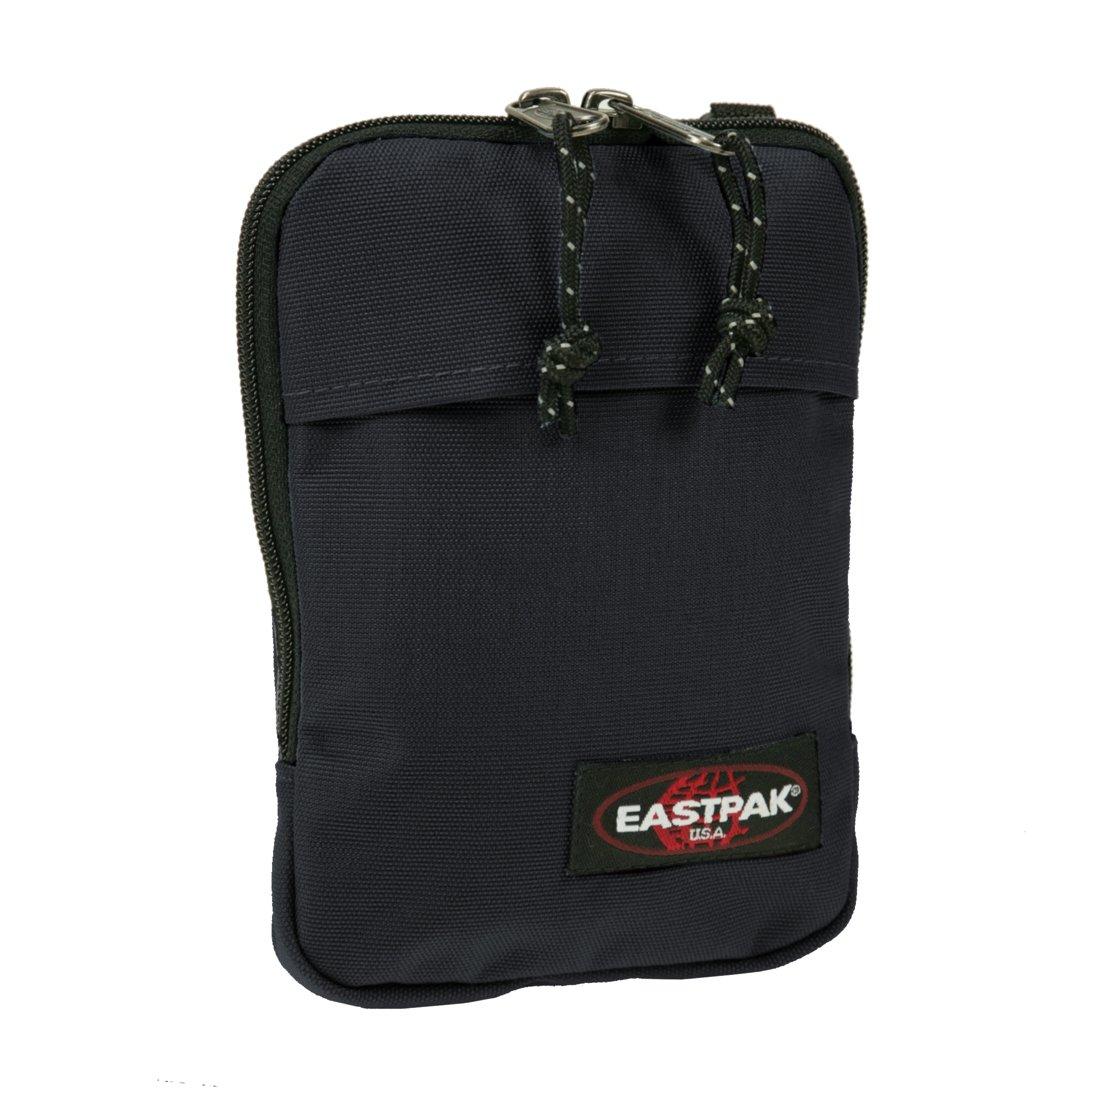 20b0248f305fc Eastpak Authentic Buddy Jugendtasche 18 cm - koffer-direkt.de